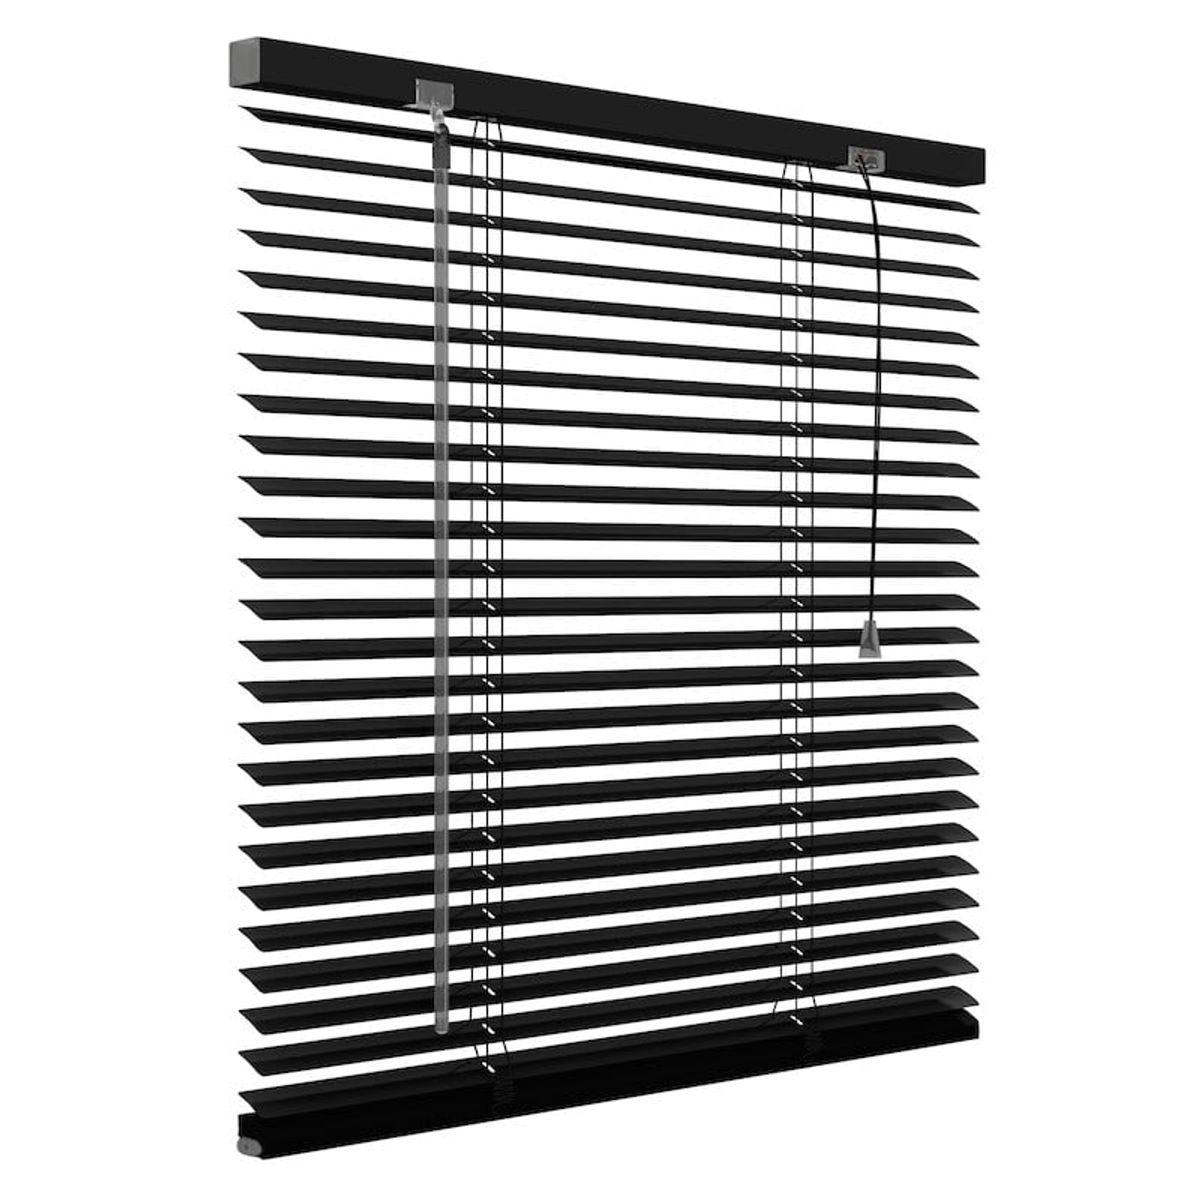 Aluminium jaloezie 25mm - Mat zwart - 120cm x 180cm